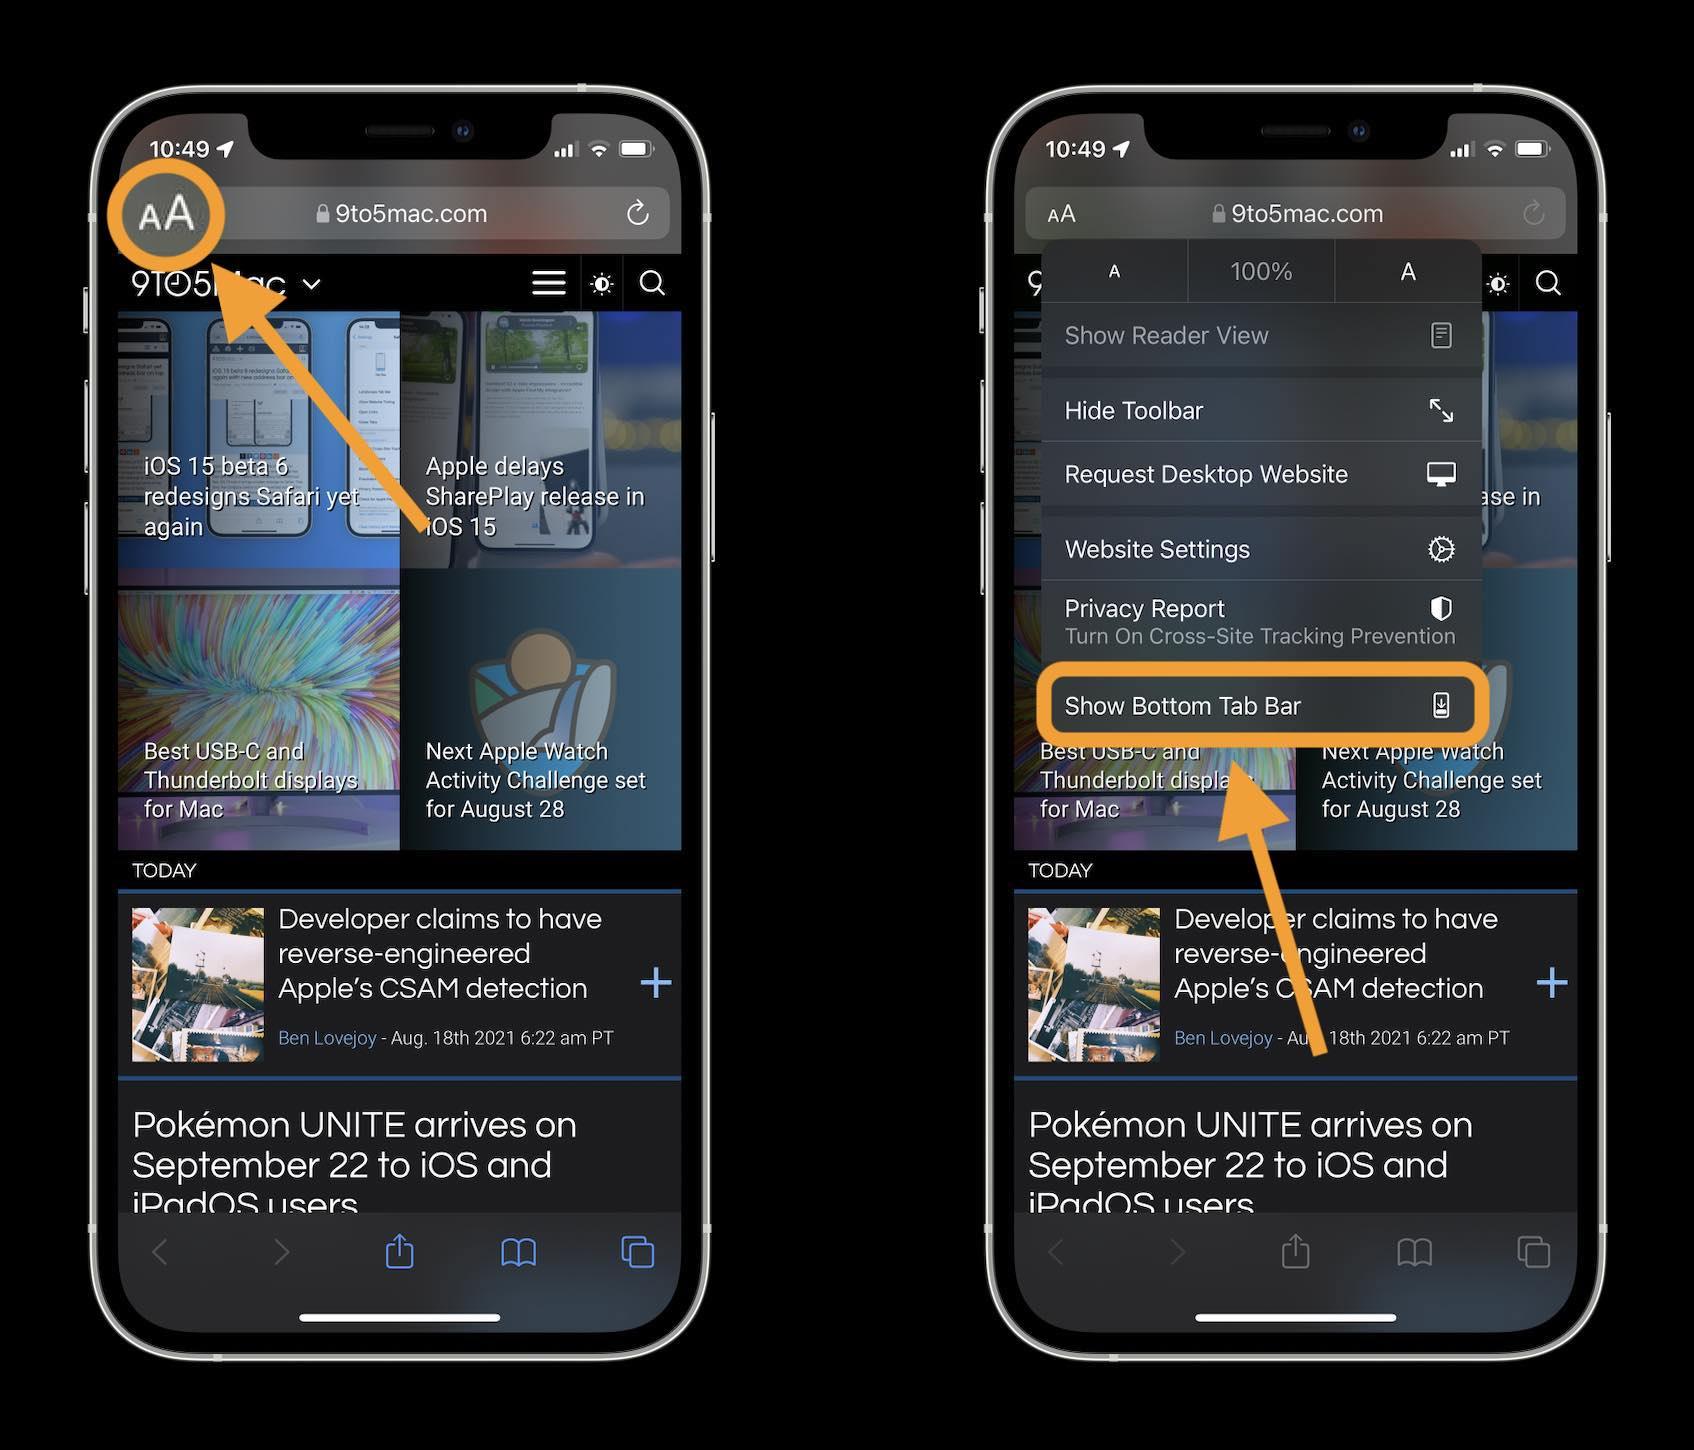 Как сделать изменить адрес / строку поиска iOS 15 Safari на iPhone, пошаговое руководство. 2 - коснитесь значка A в верхнем левом углу в строке адреса / поиска и коснитесь «Показать нижнюю панель вкладок»